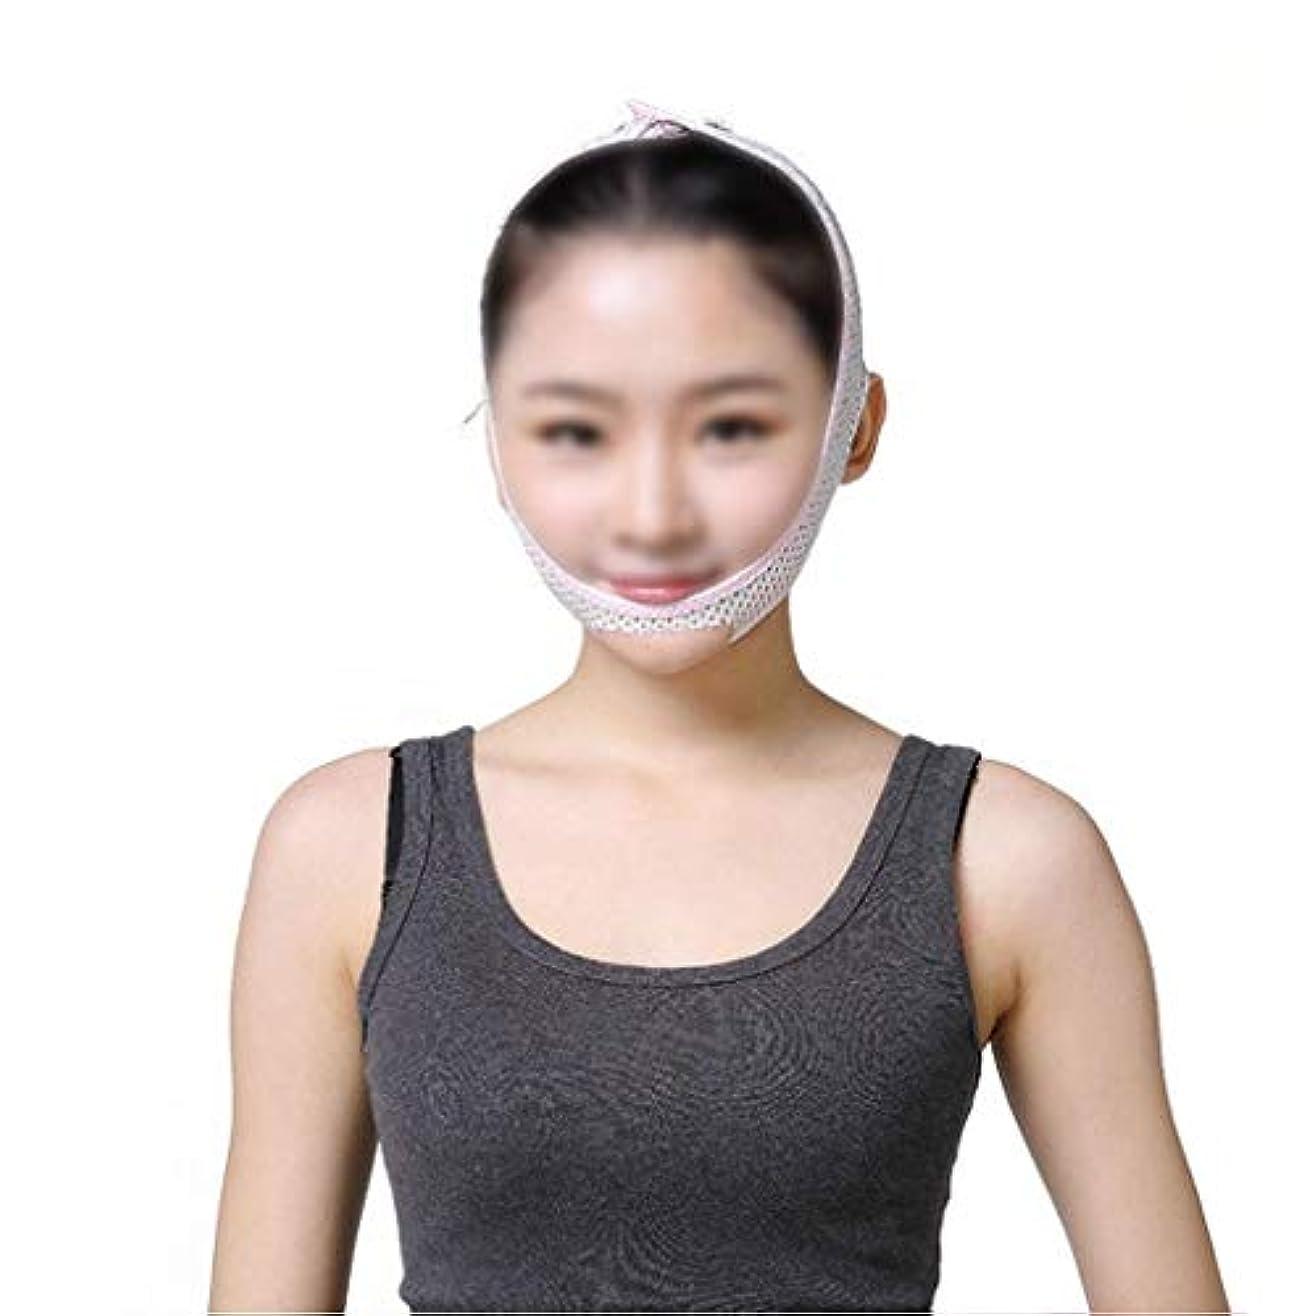 悪行免疫看板フェイスリフティングマスク、快適で リフティングスキンファーミングスリープシンフェイスアーティファクトアンチリンクル/リムーブダブルチン/術後回復マスク(サイズ:M)